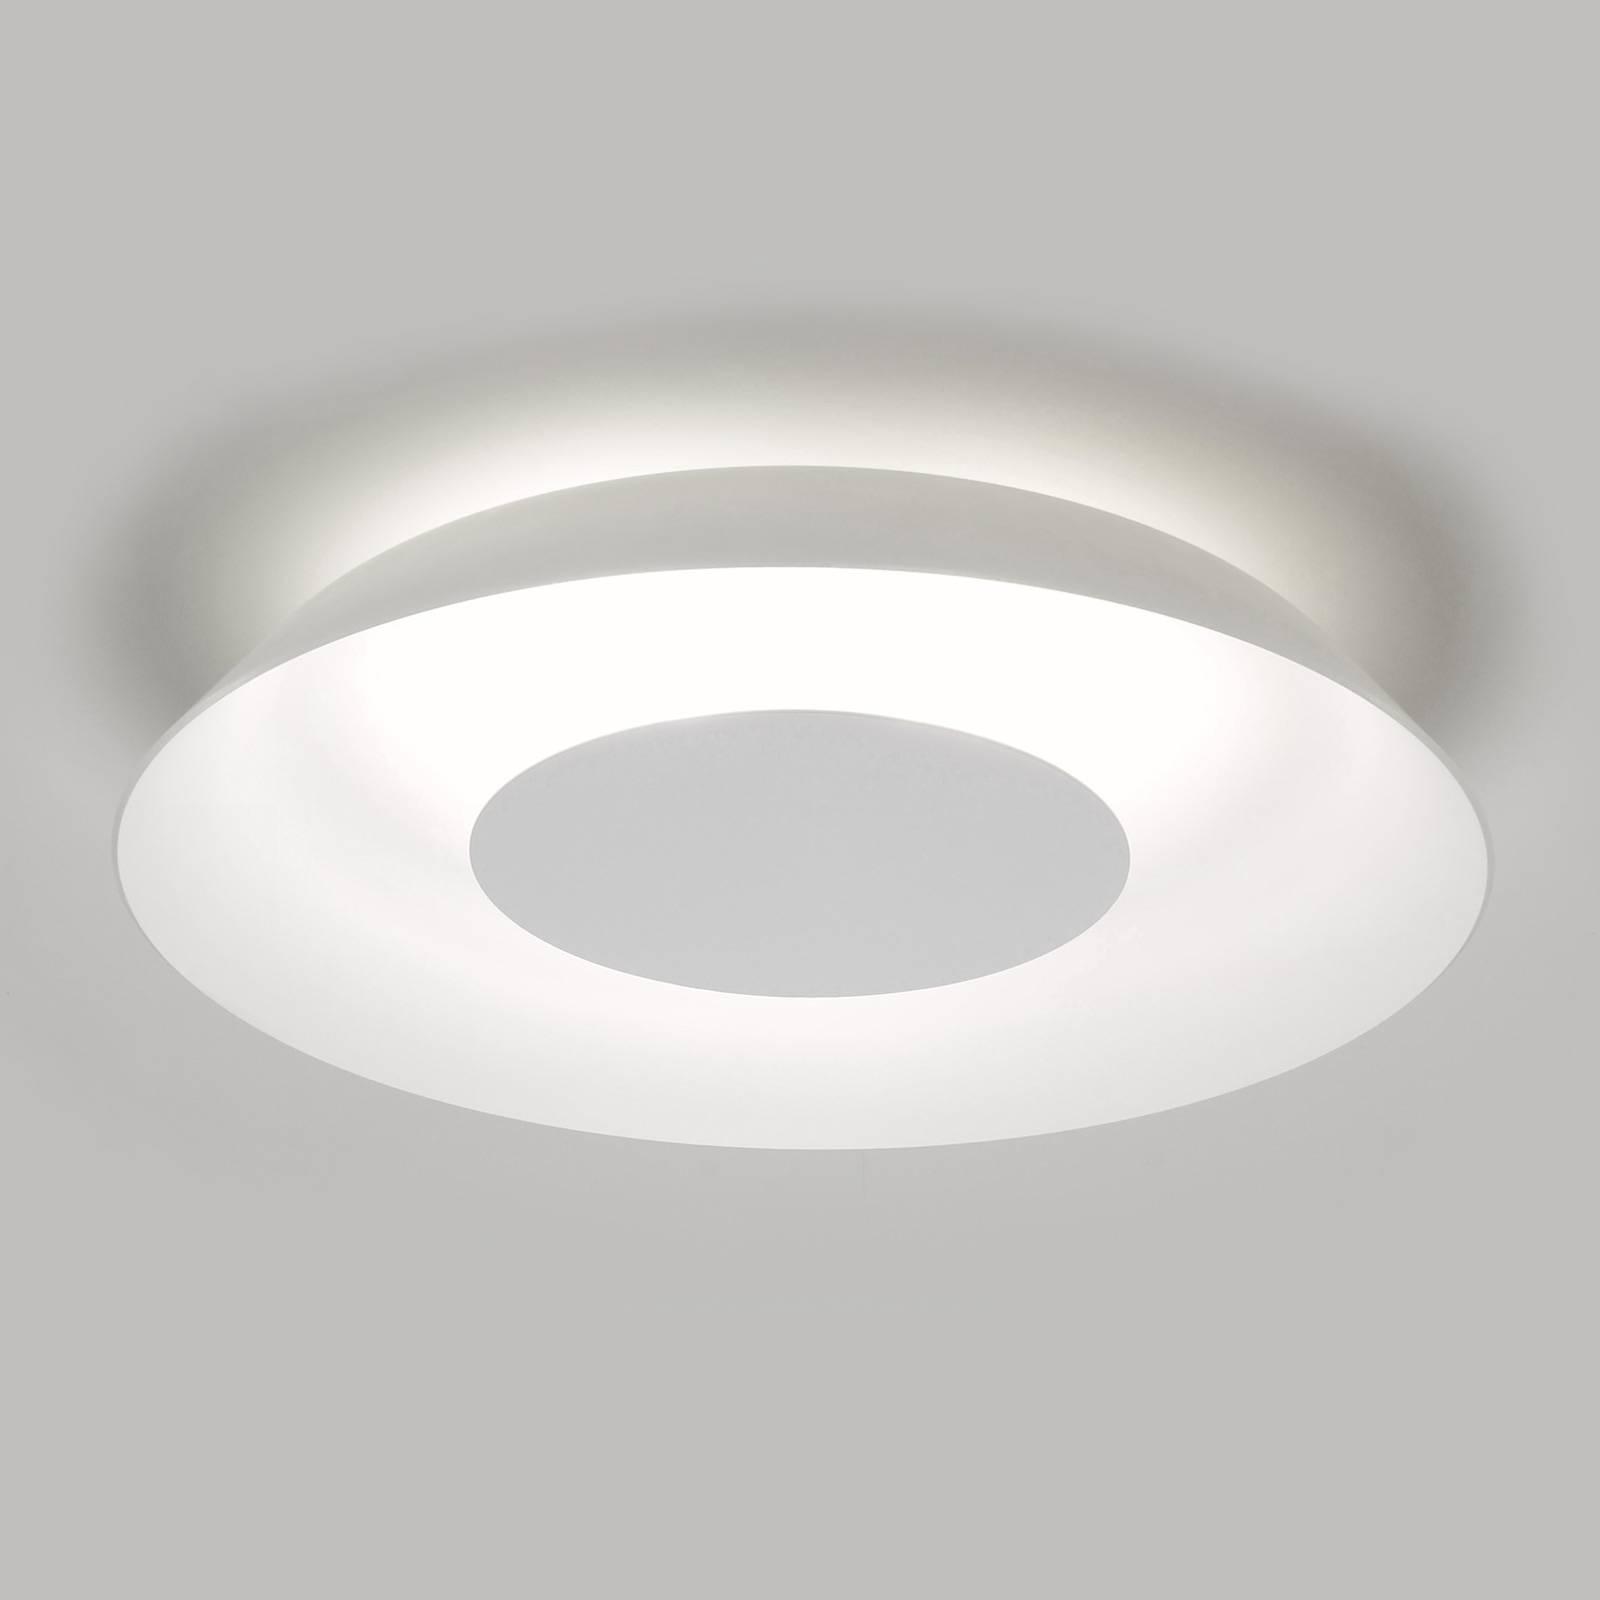 Casablanca Torno LED-Deckenleuchte, Ø 50 cm